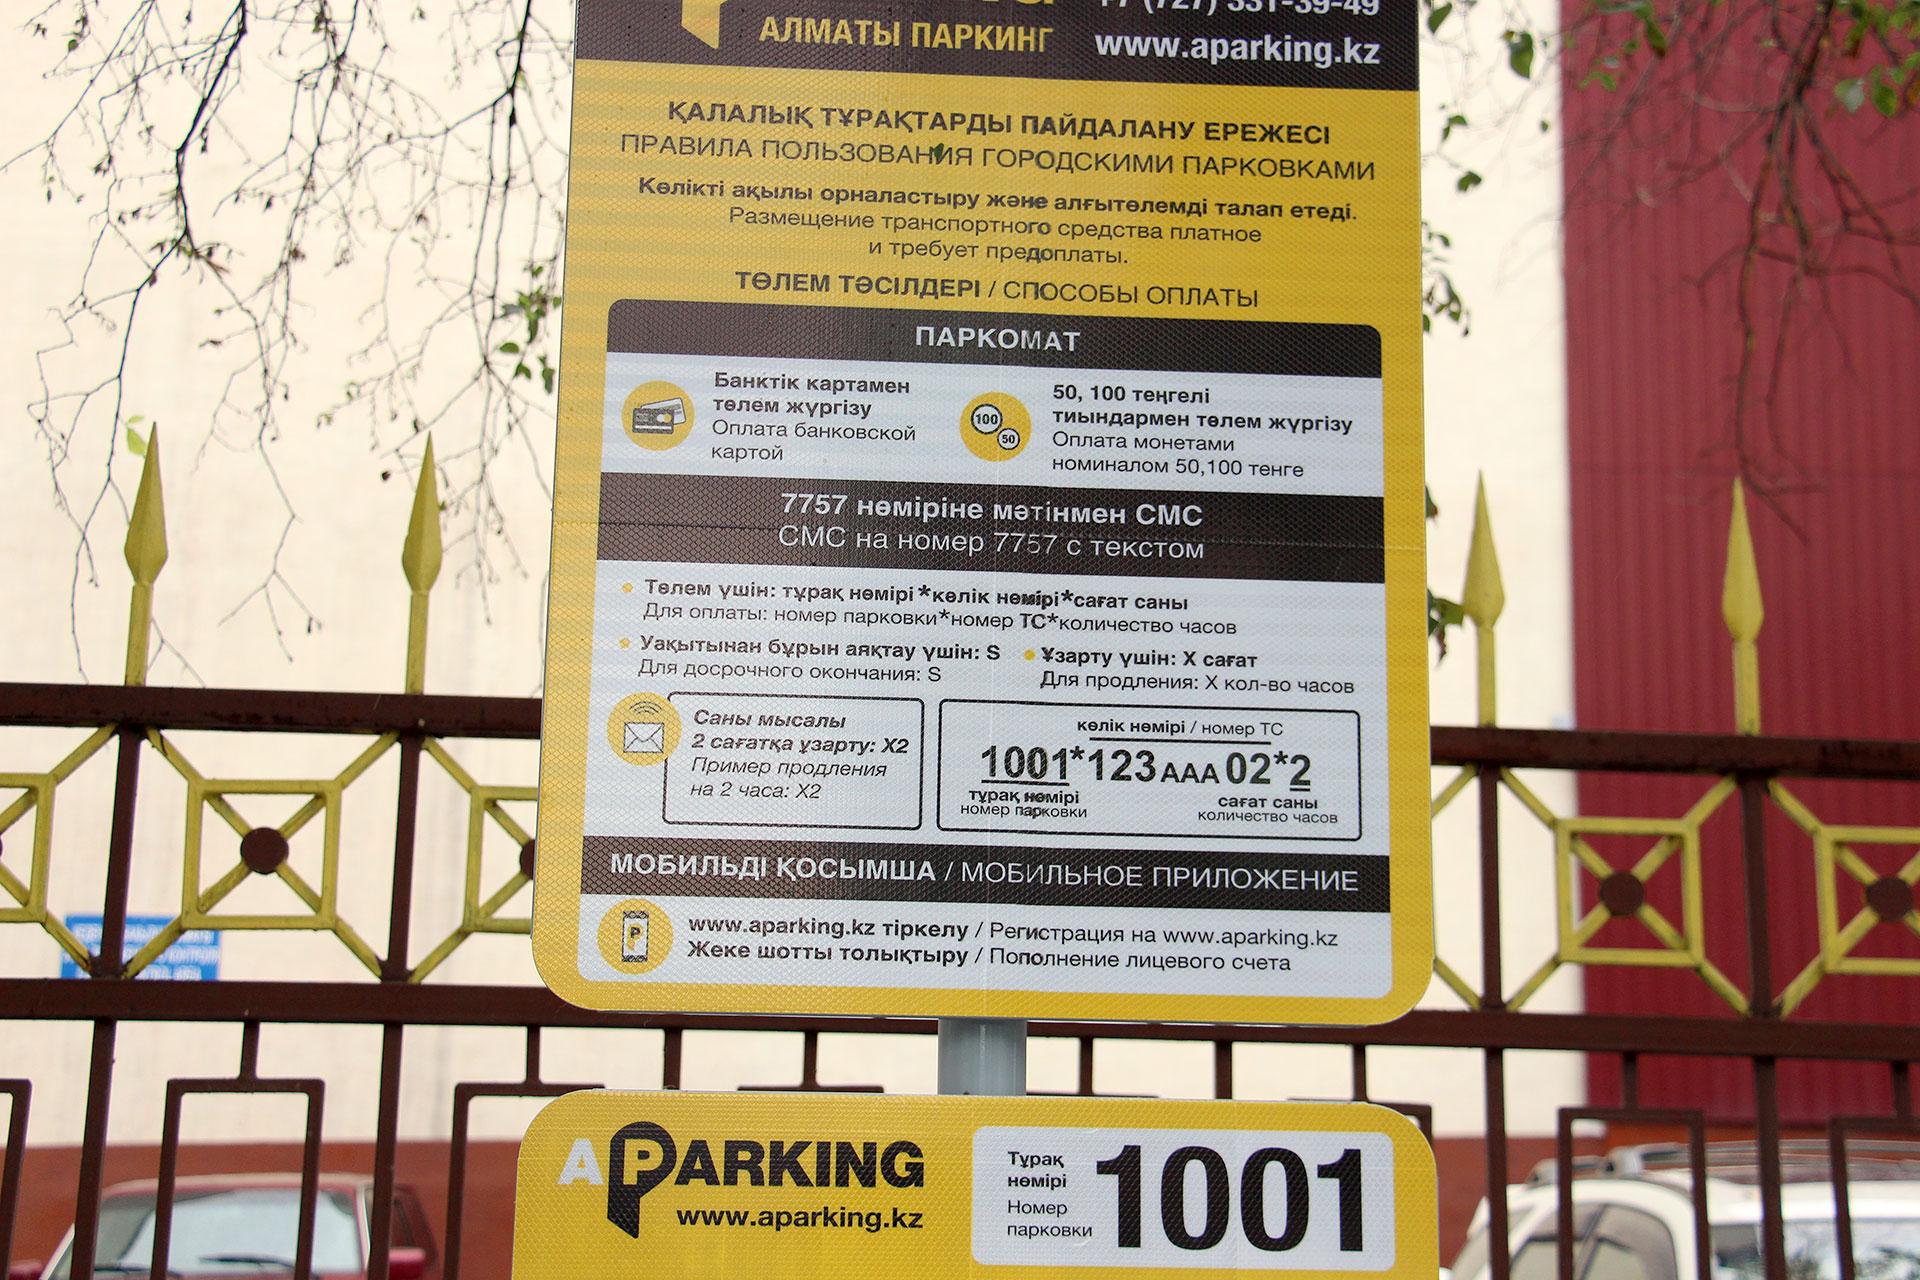 Продажу 30% доли в «Алматы СпецТехПаркинг» частникам объяснили в акимате